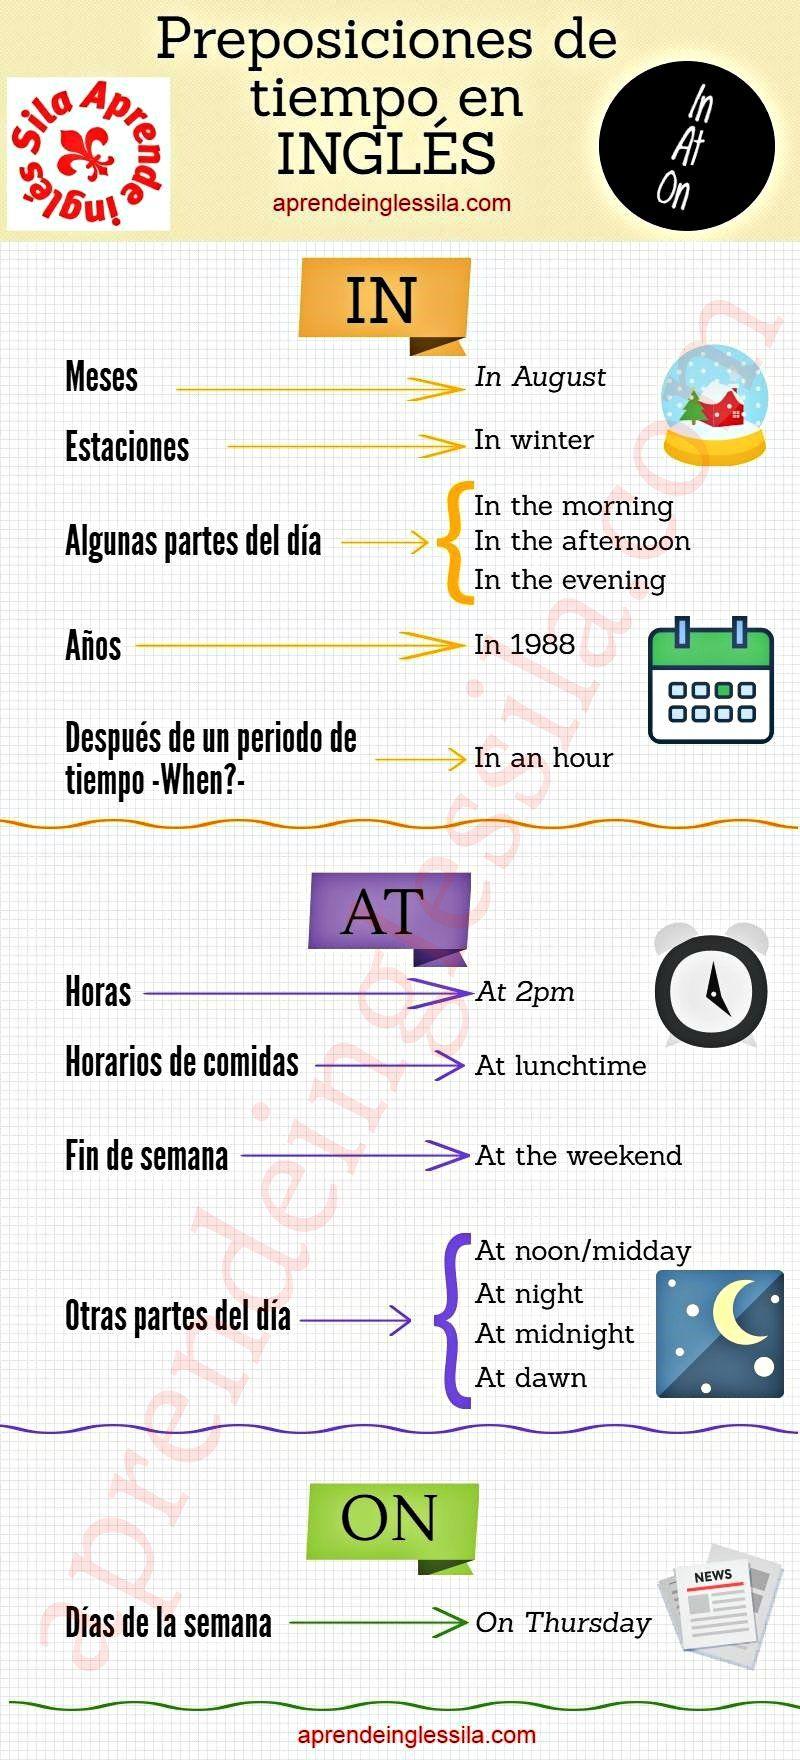 1 Twitter Aprender Inglés Ingles Como Aprender Ingles Rapido